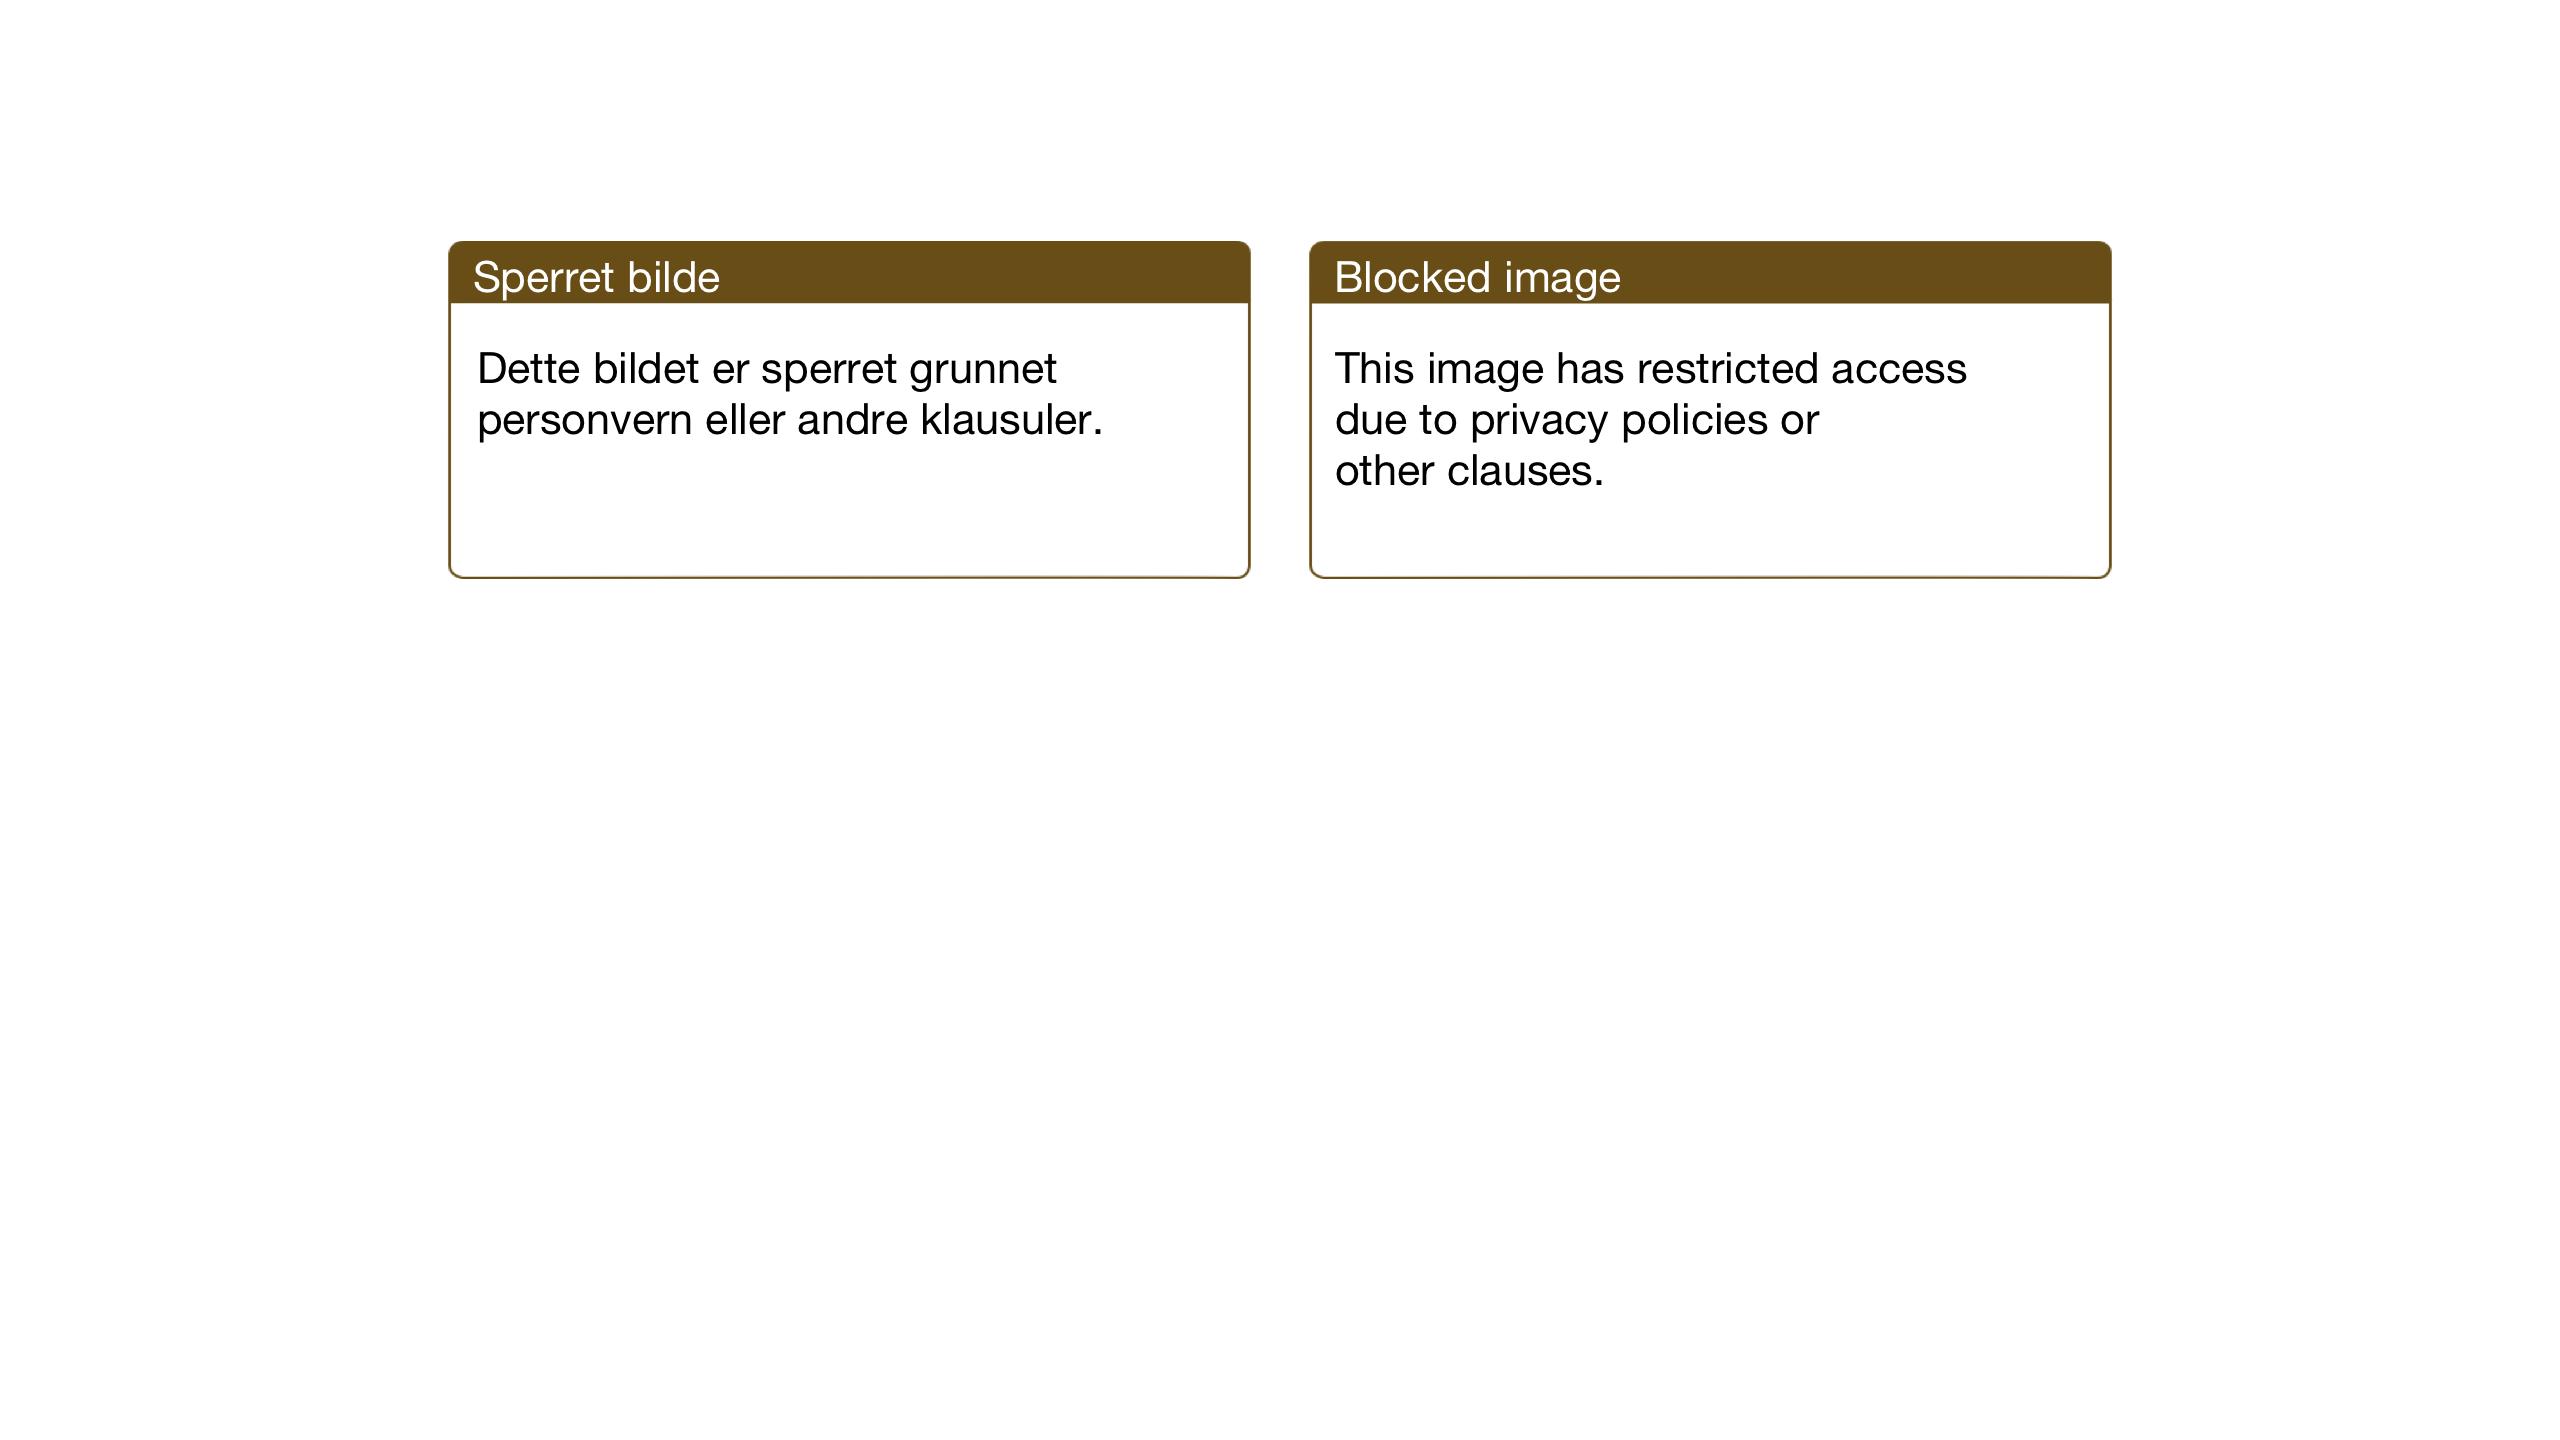 SAT, Ministerialprotokoller, klokkerbøker og fødselsregistre - Sør-Trøndelag, 604/L0228: Klokkerbok nr. 604C11, 1928-1950, s. 138